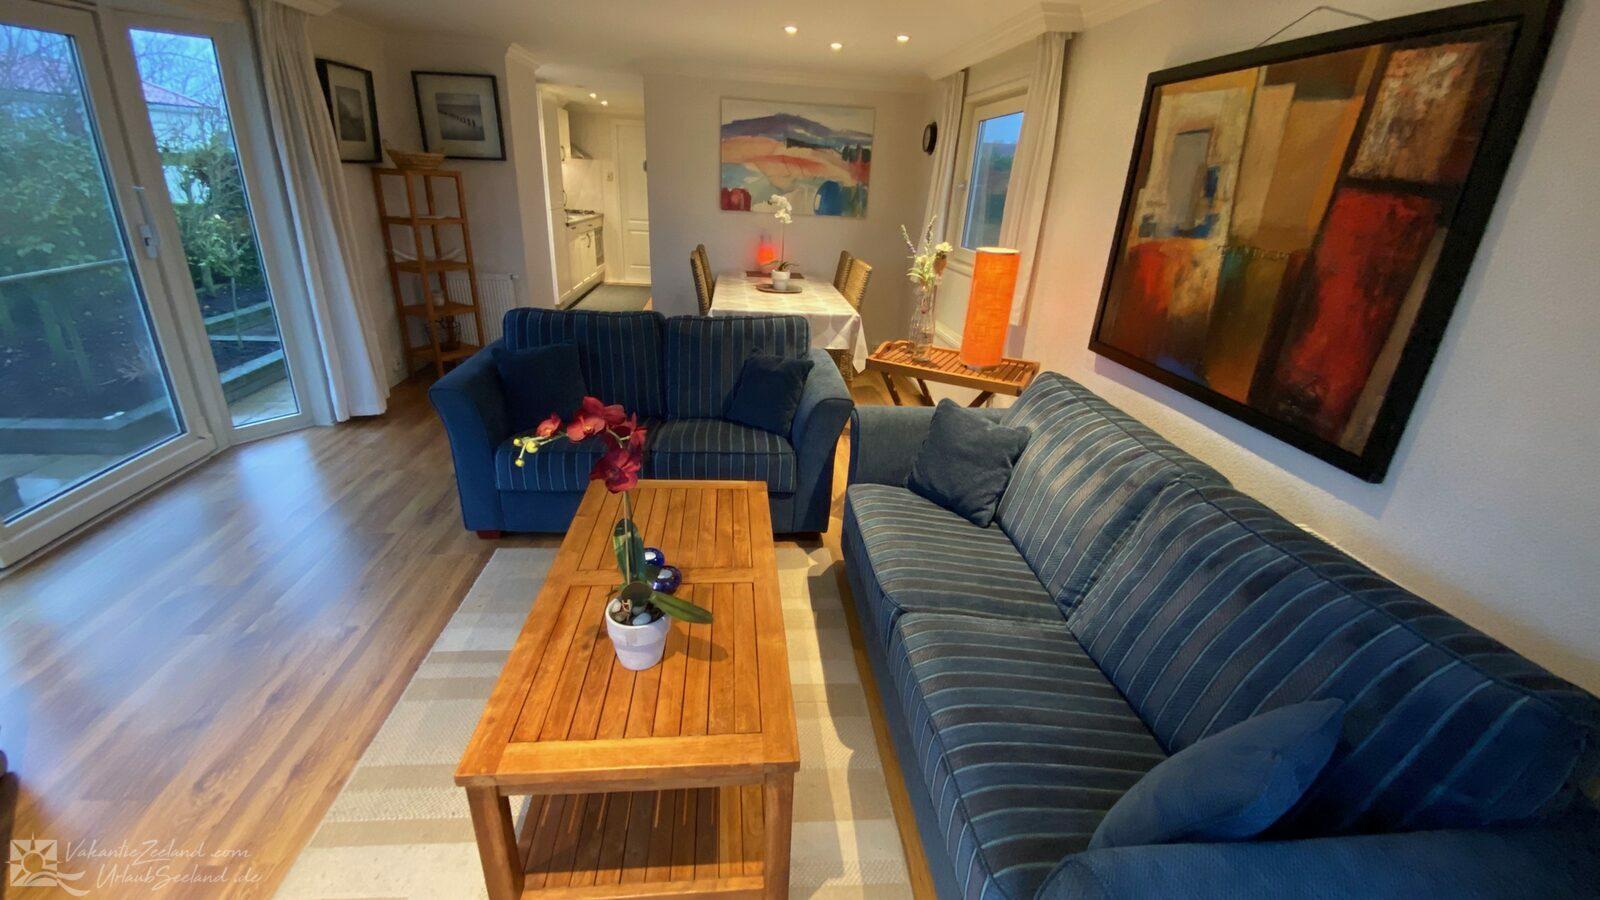 VZ927 Vakantiechalet in Sint-Annaland